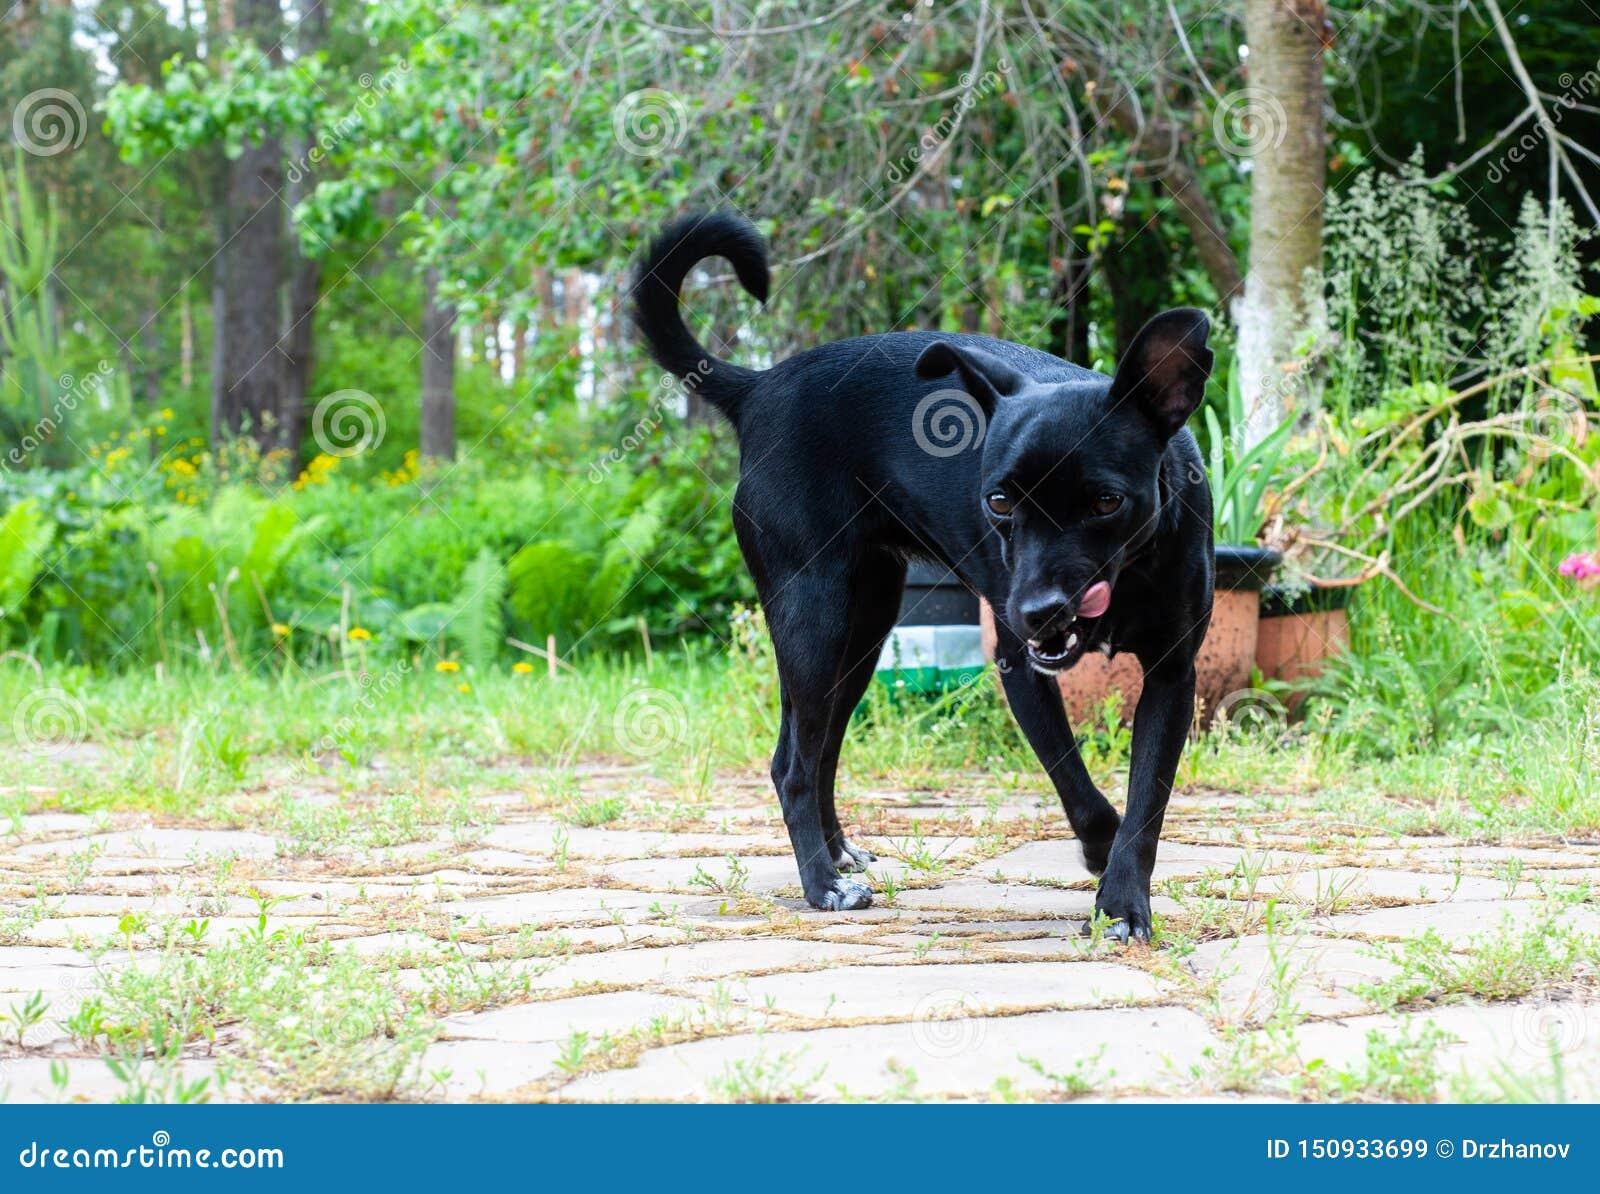 Pequeño perro negro, pareciendo una raza del pincher, mirando a la cámara y malévolo lamiéndose